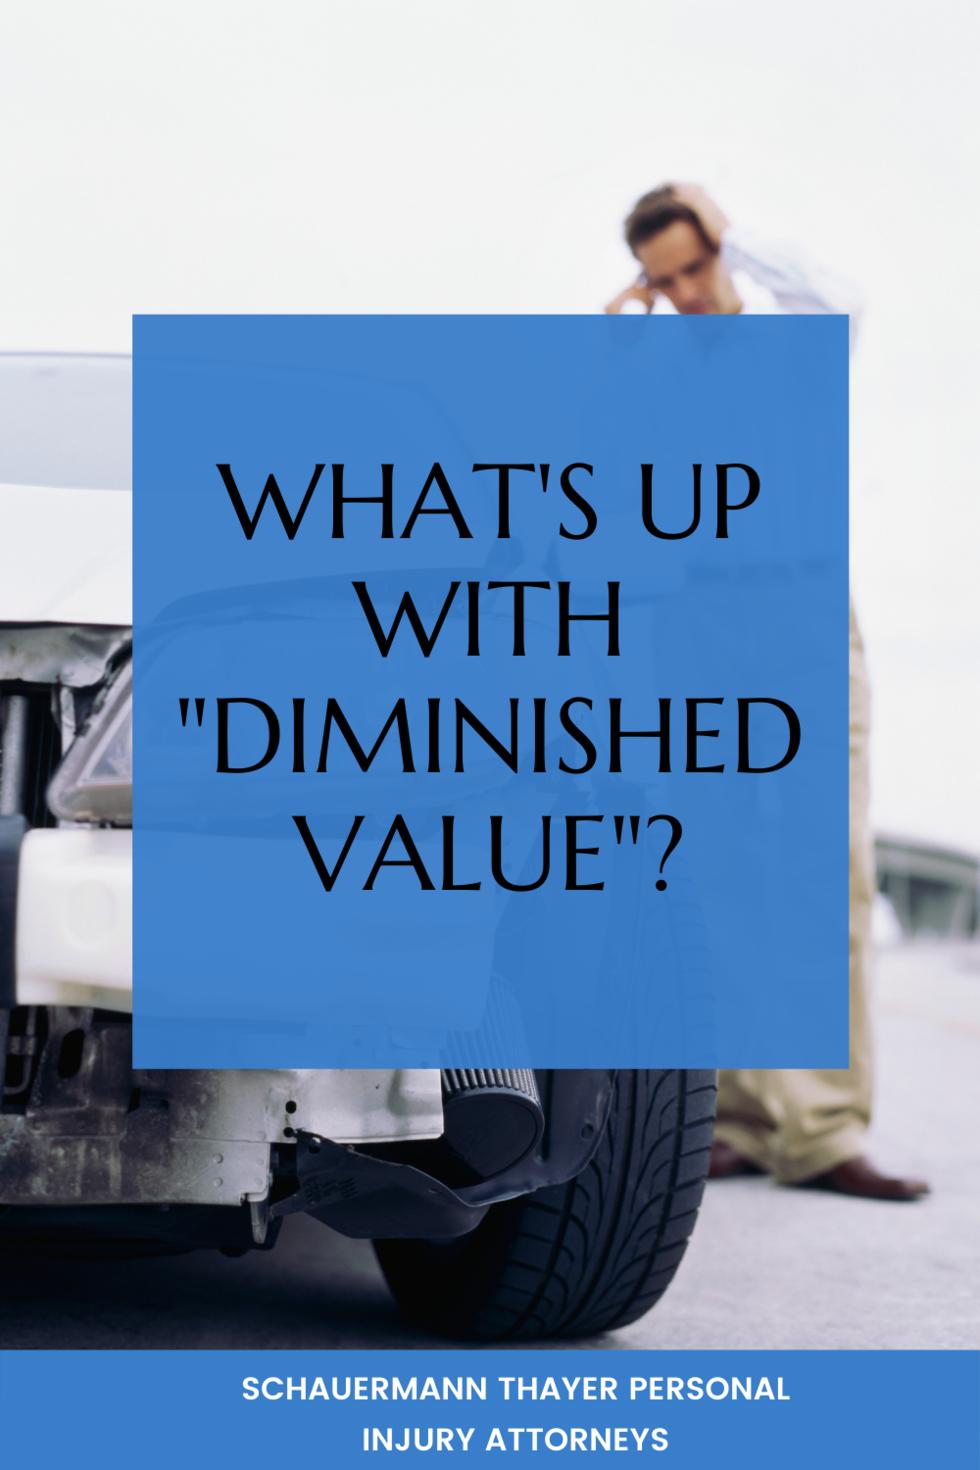 diminished_value